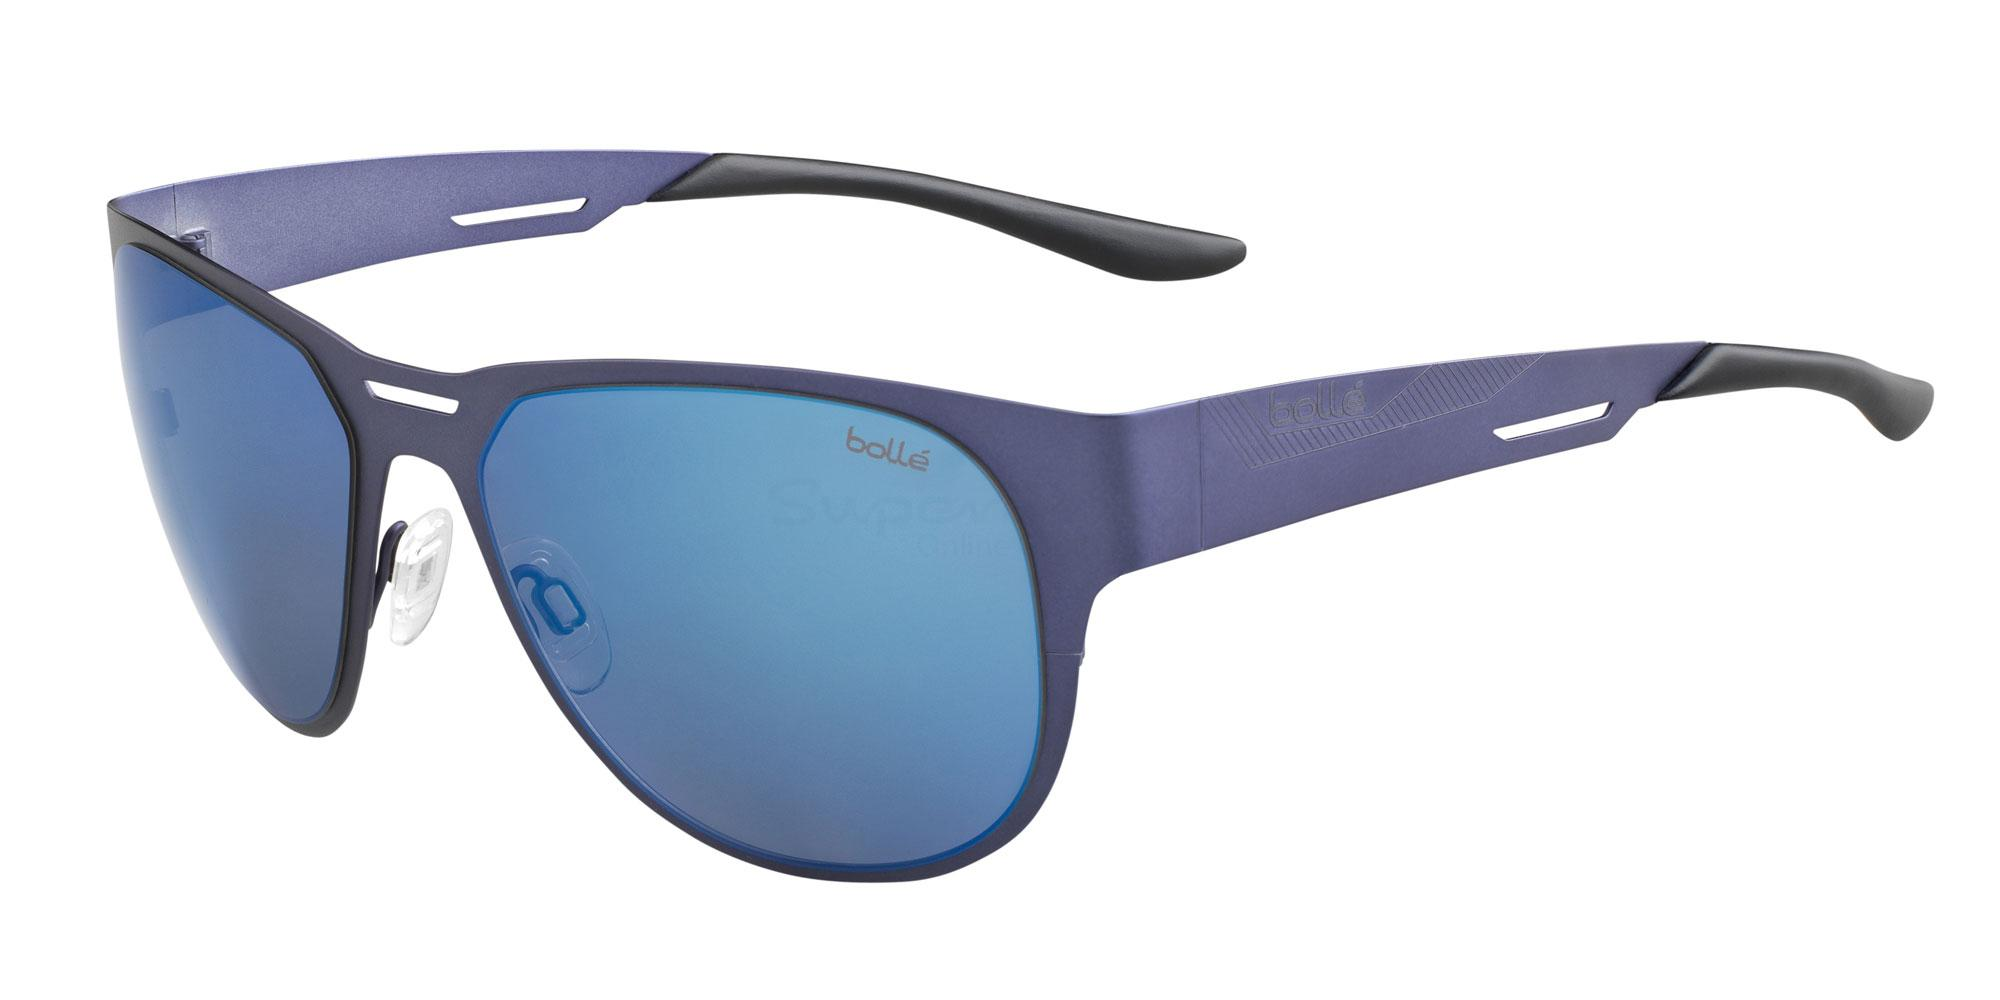 12233 Perth Sunglasses, Bolle